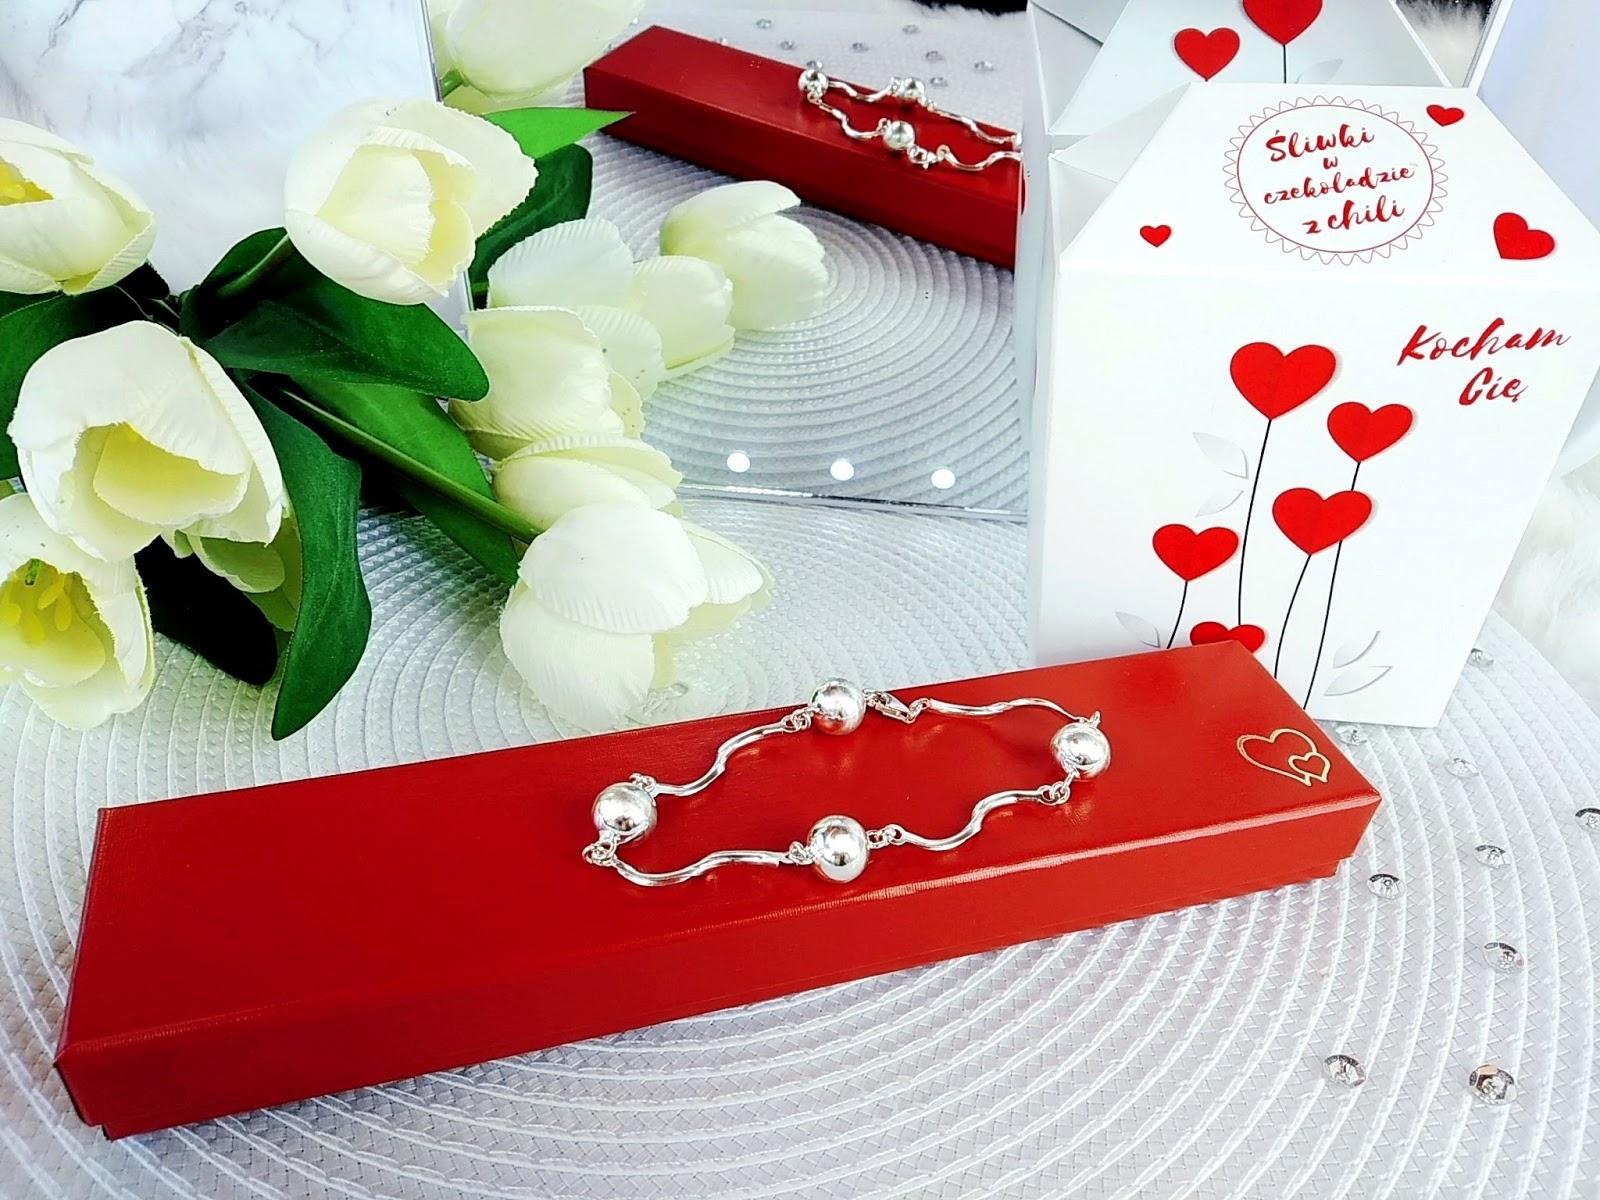 Srebrna biżuteria jako sposób na wywołanie uśmiechu na ustach ukochanej osoby -  Świętujemy Walentynki i Dzień Kobiet z twojesrebro.com